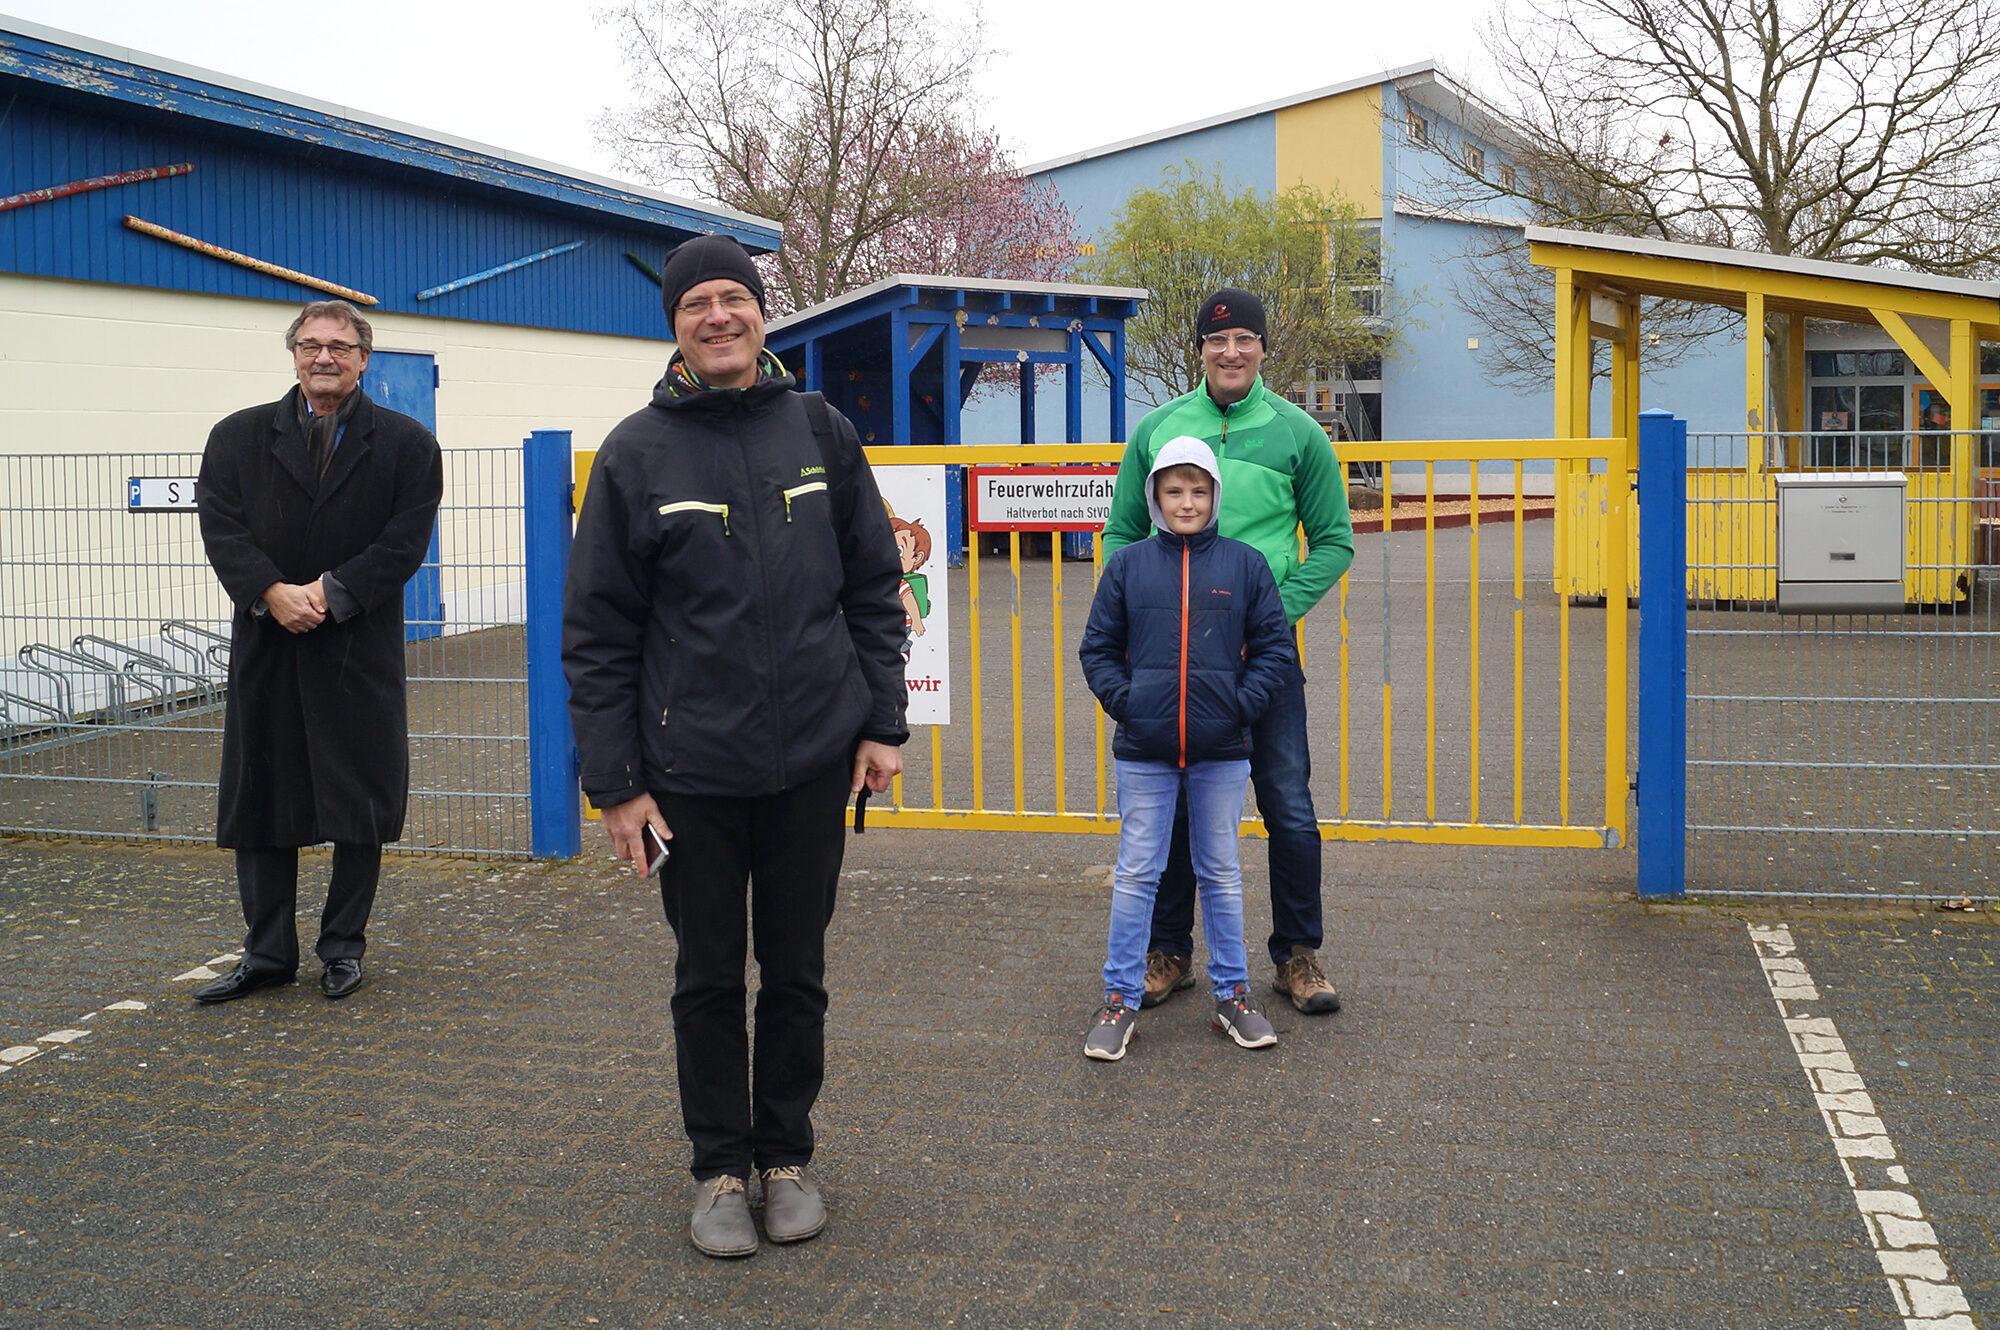 Grundschule im Angelgarten